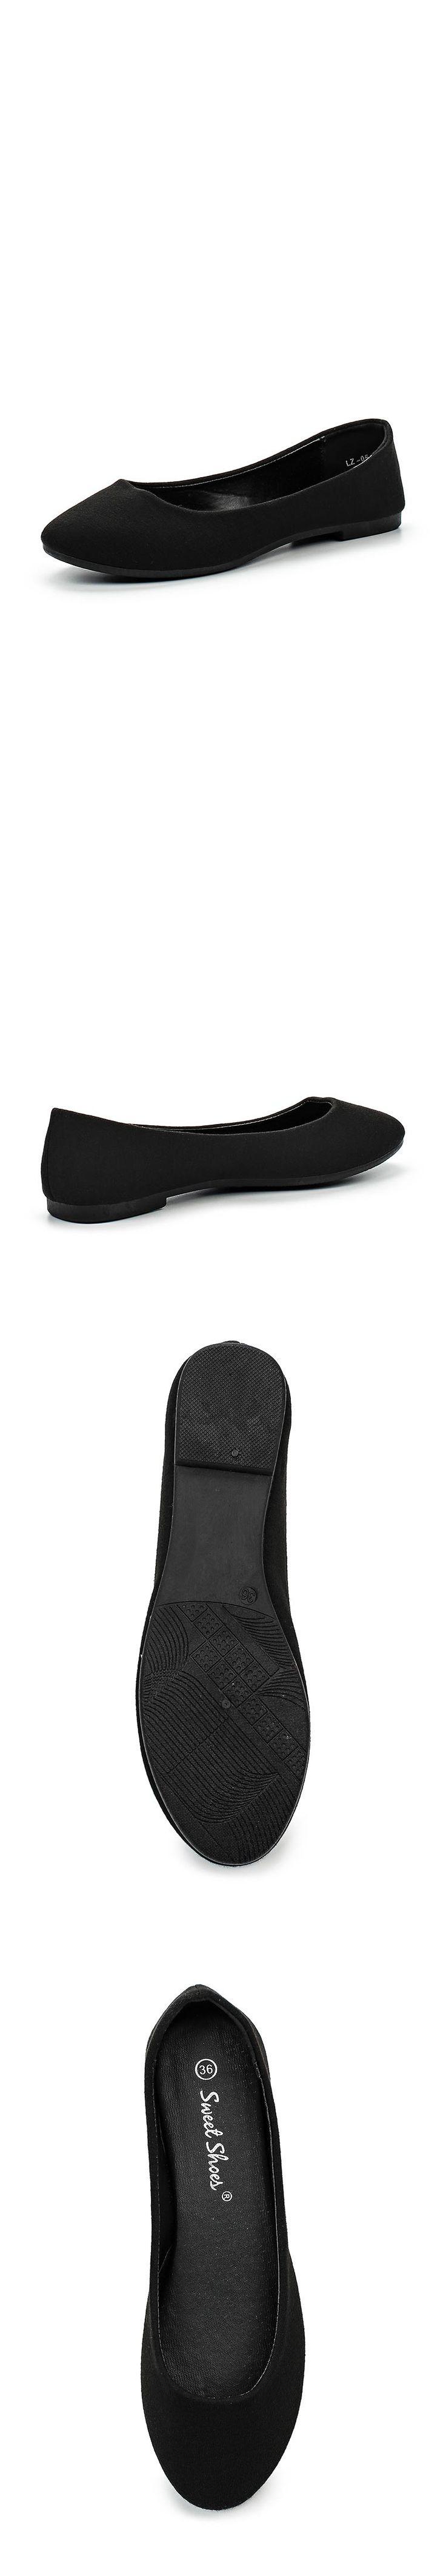 Женская обувь балетки Sweet Shoes за 1790.00 руб.